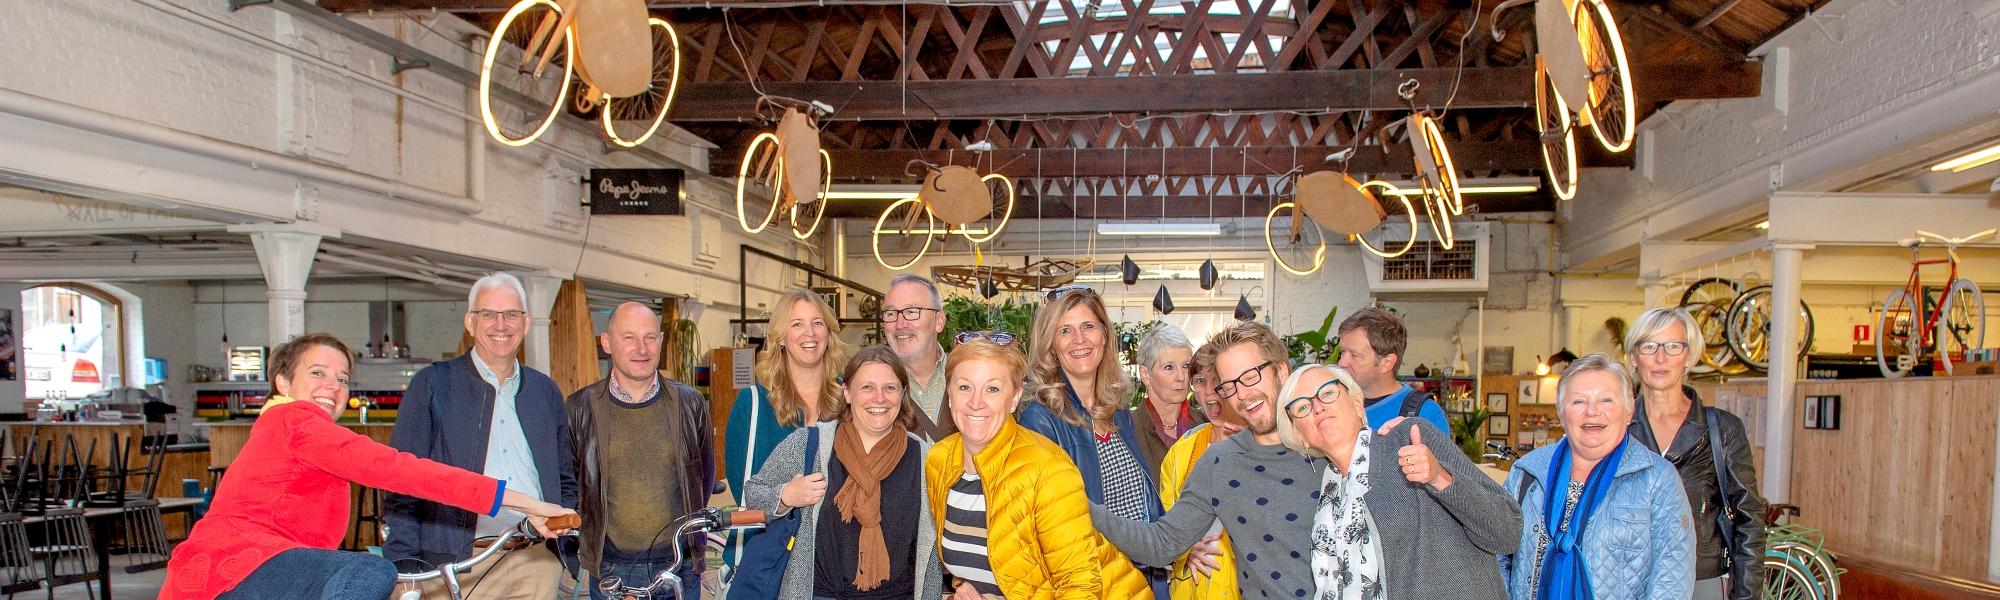 Inspirerend: gidsenwerking in Aalst